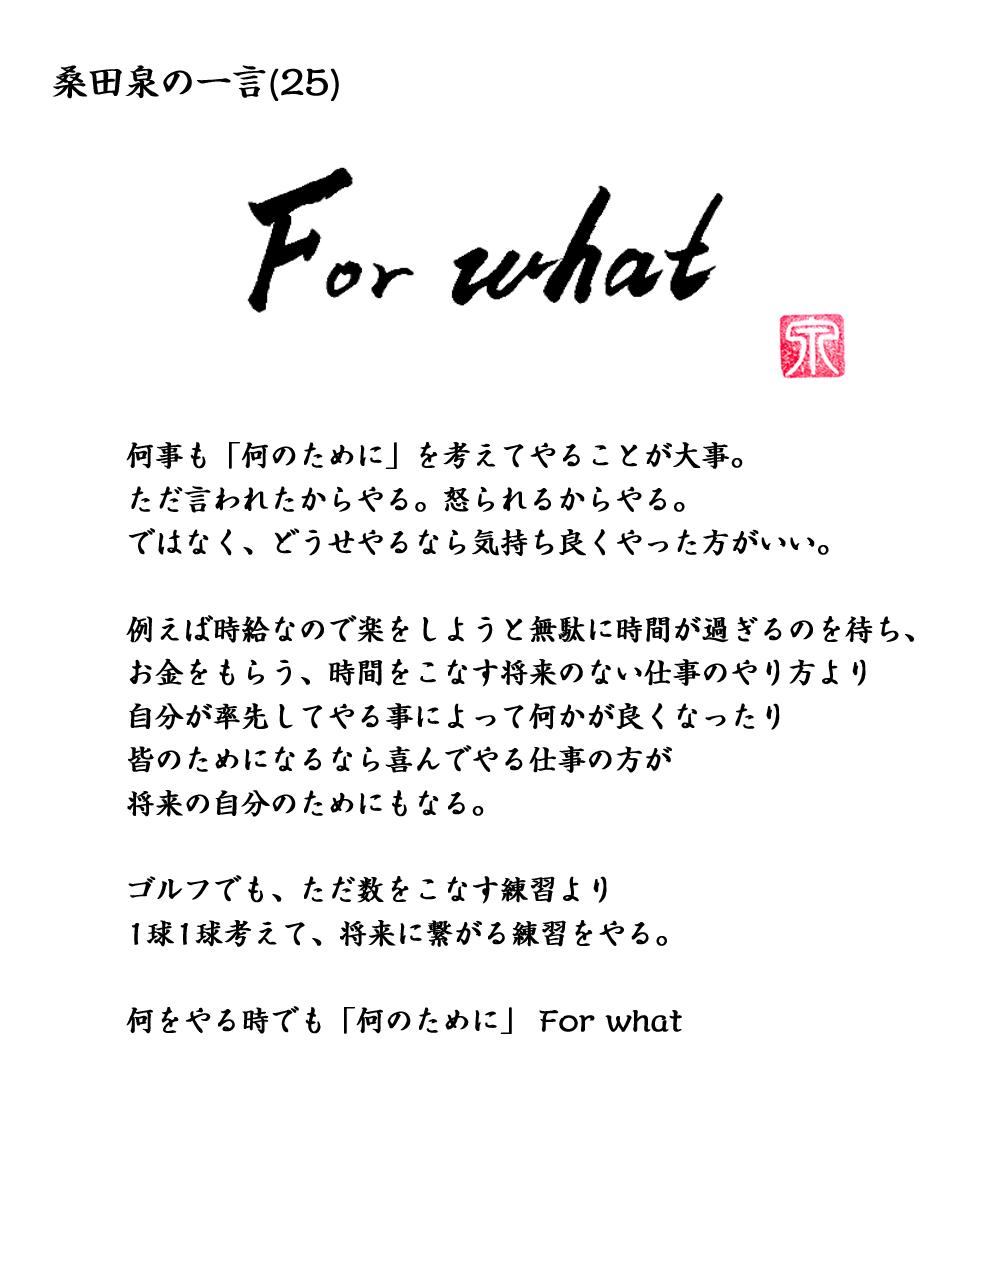 桑田の一言 「For what」